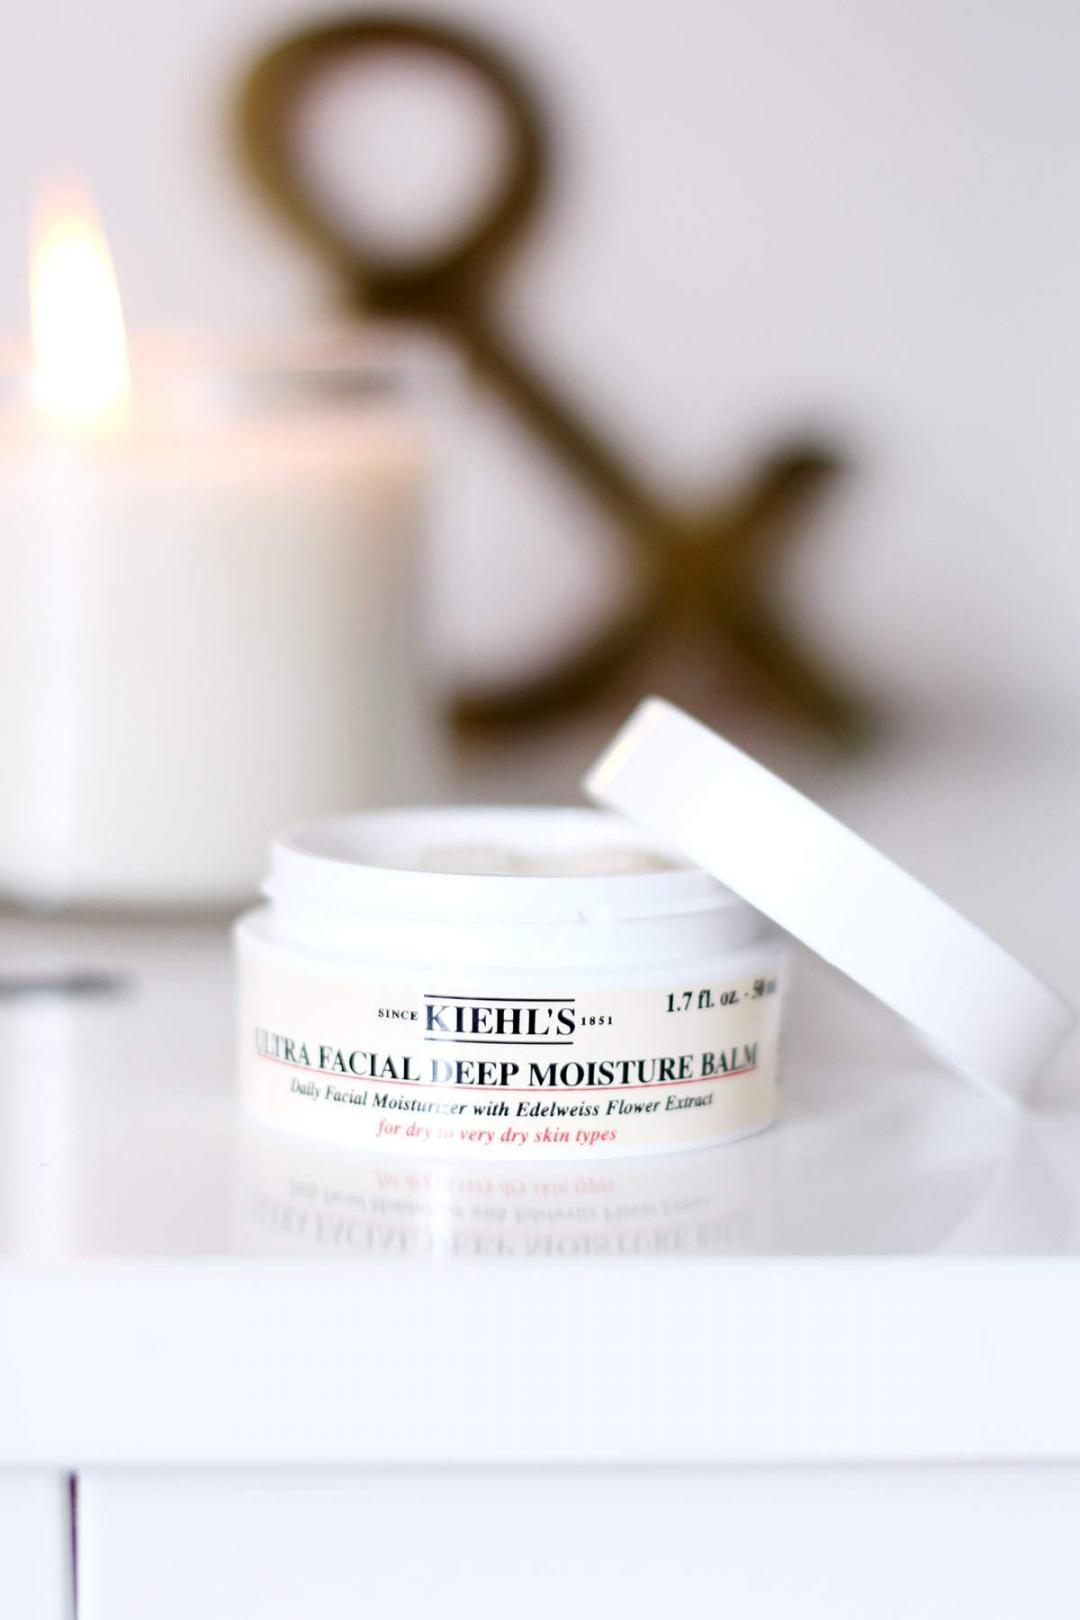 kiehls ultra facial deep moisture balm moisturiser review